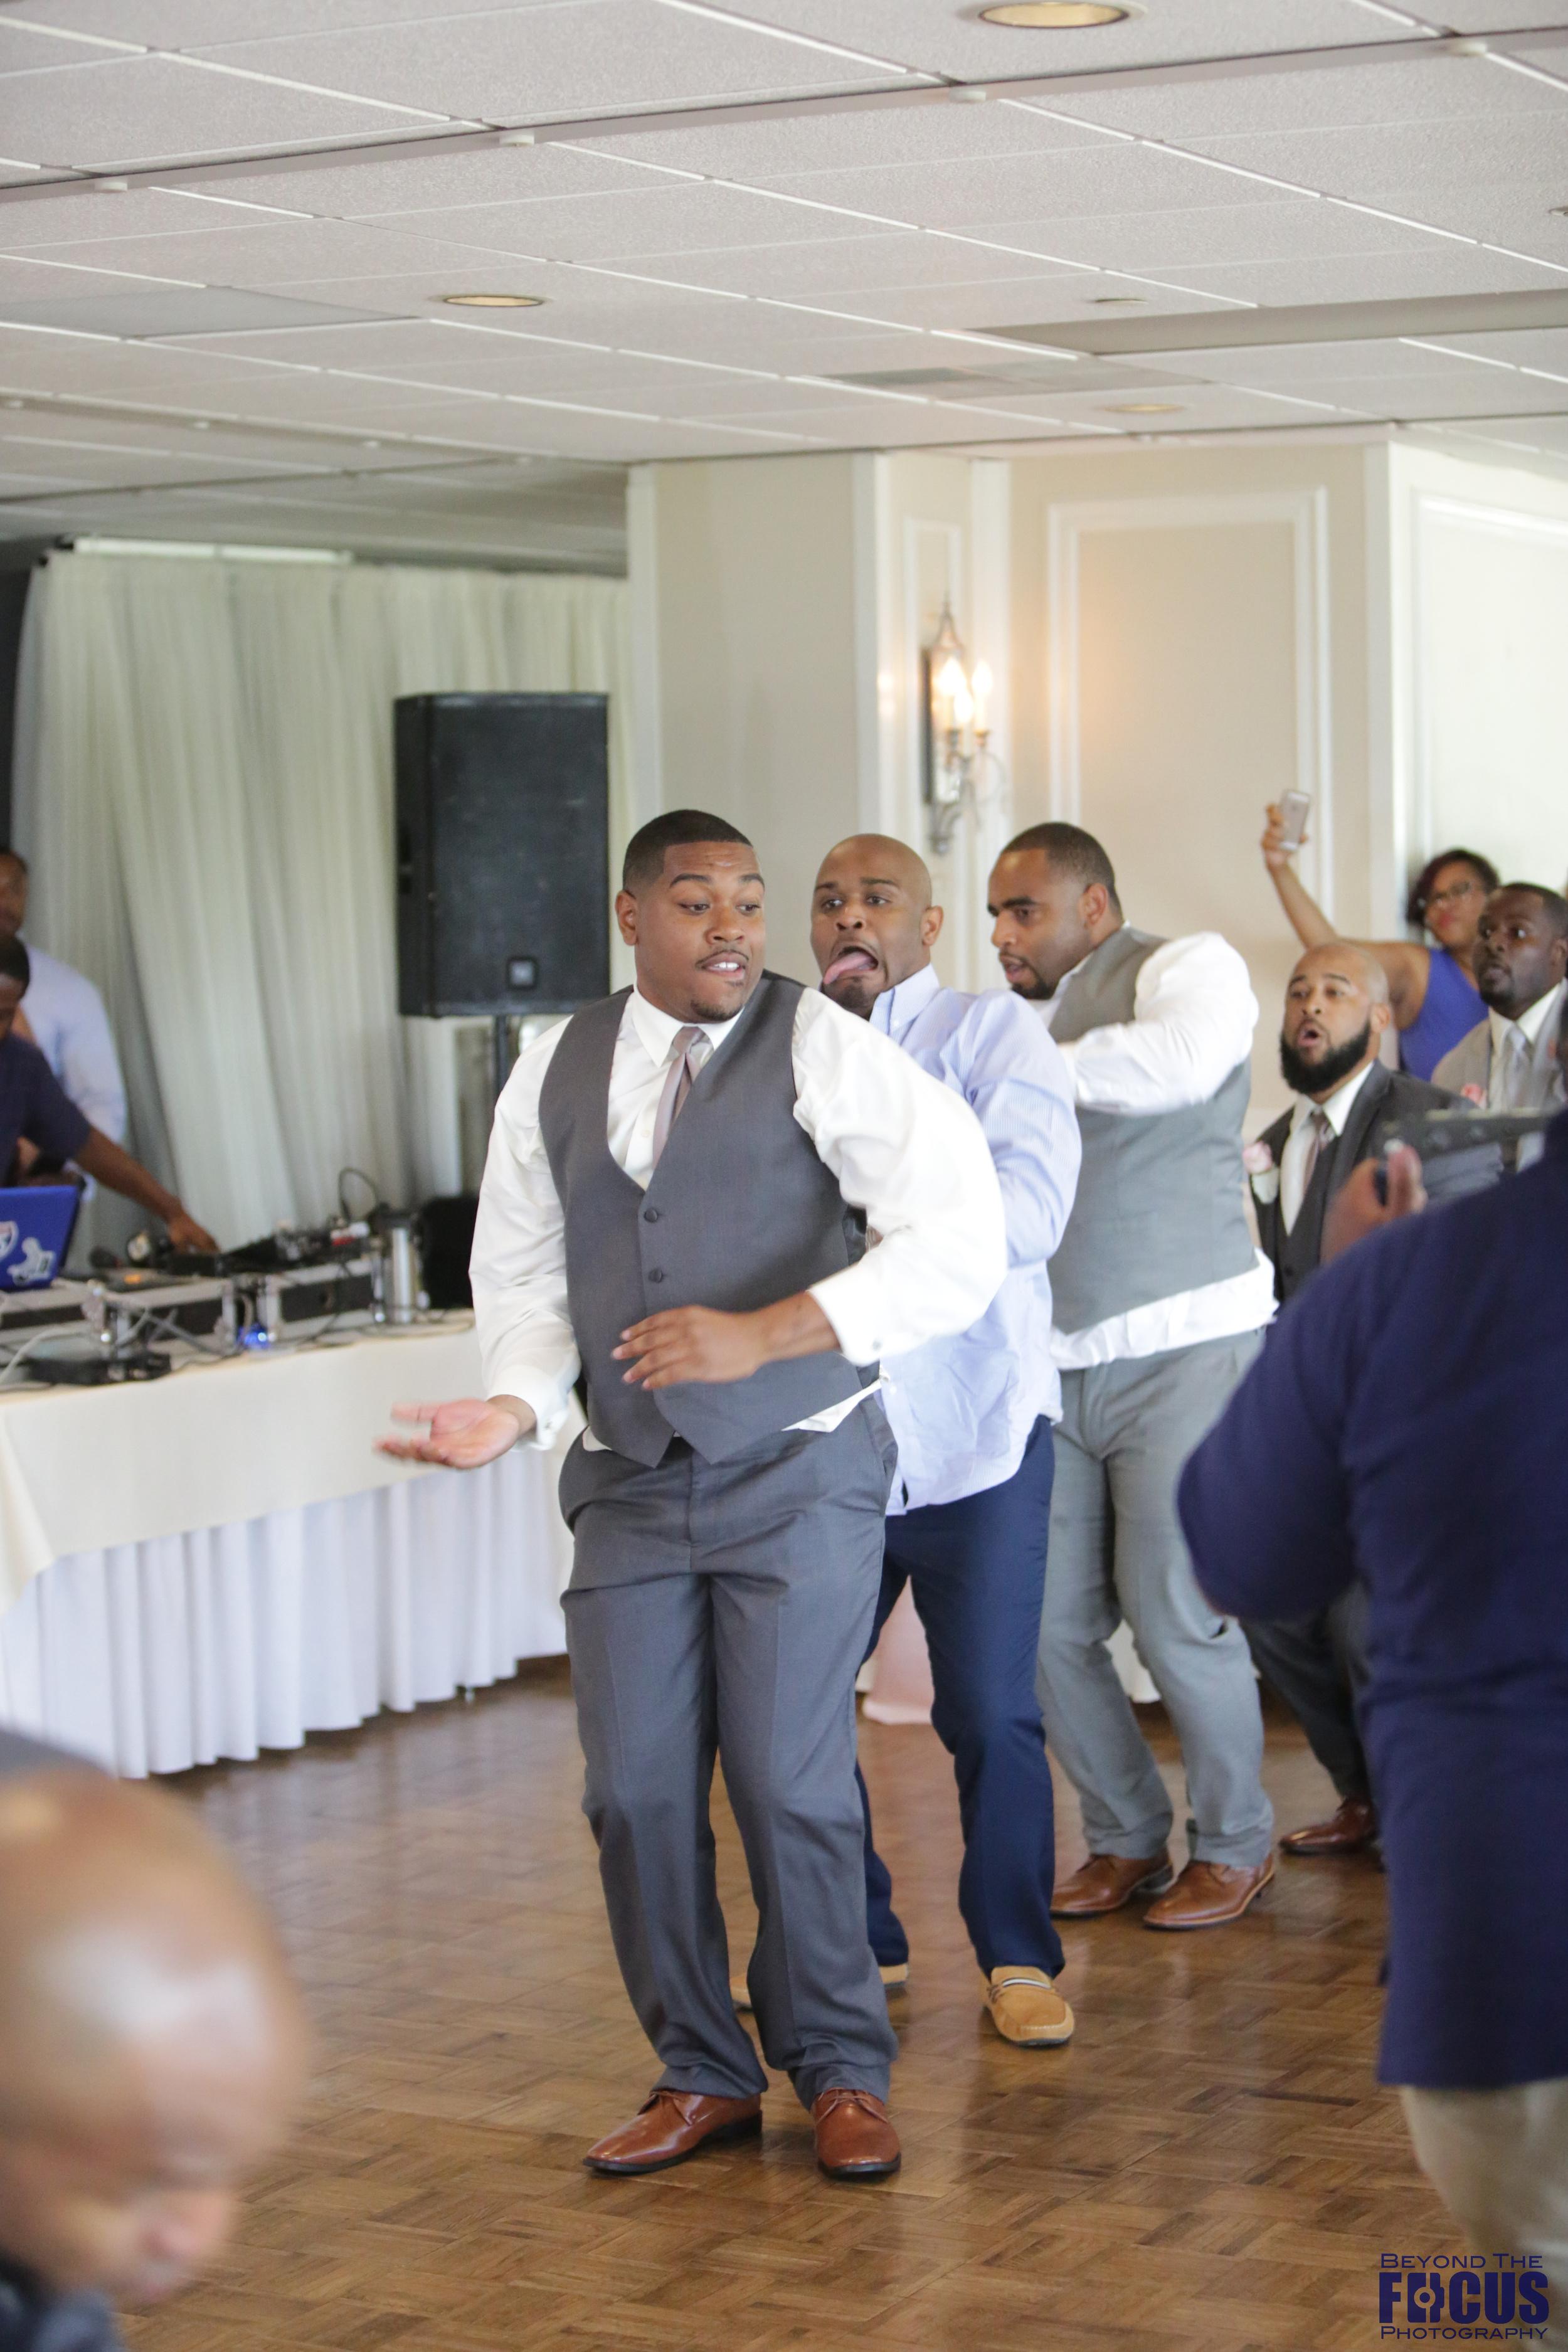 Palmer Wedding - Reception 211.jpg